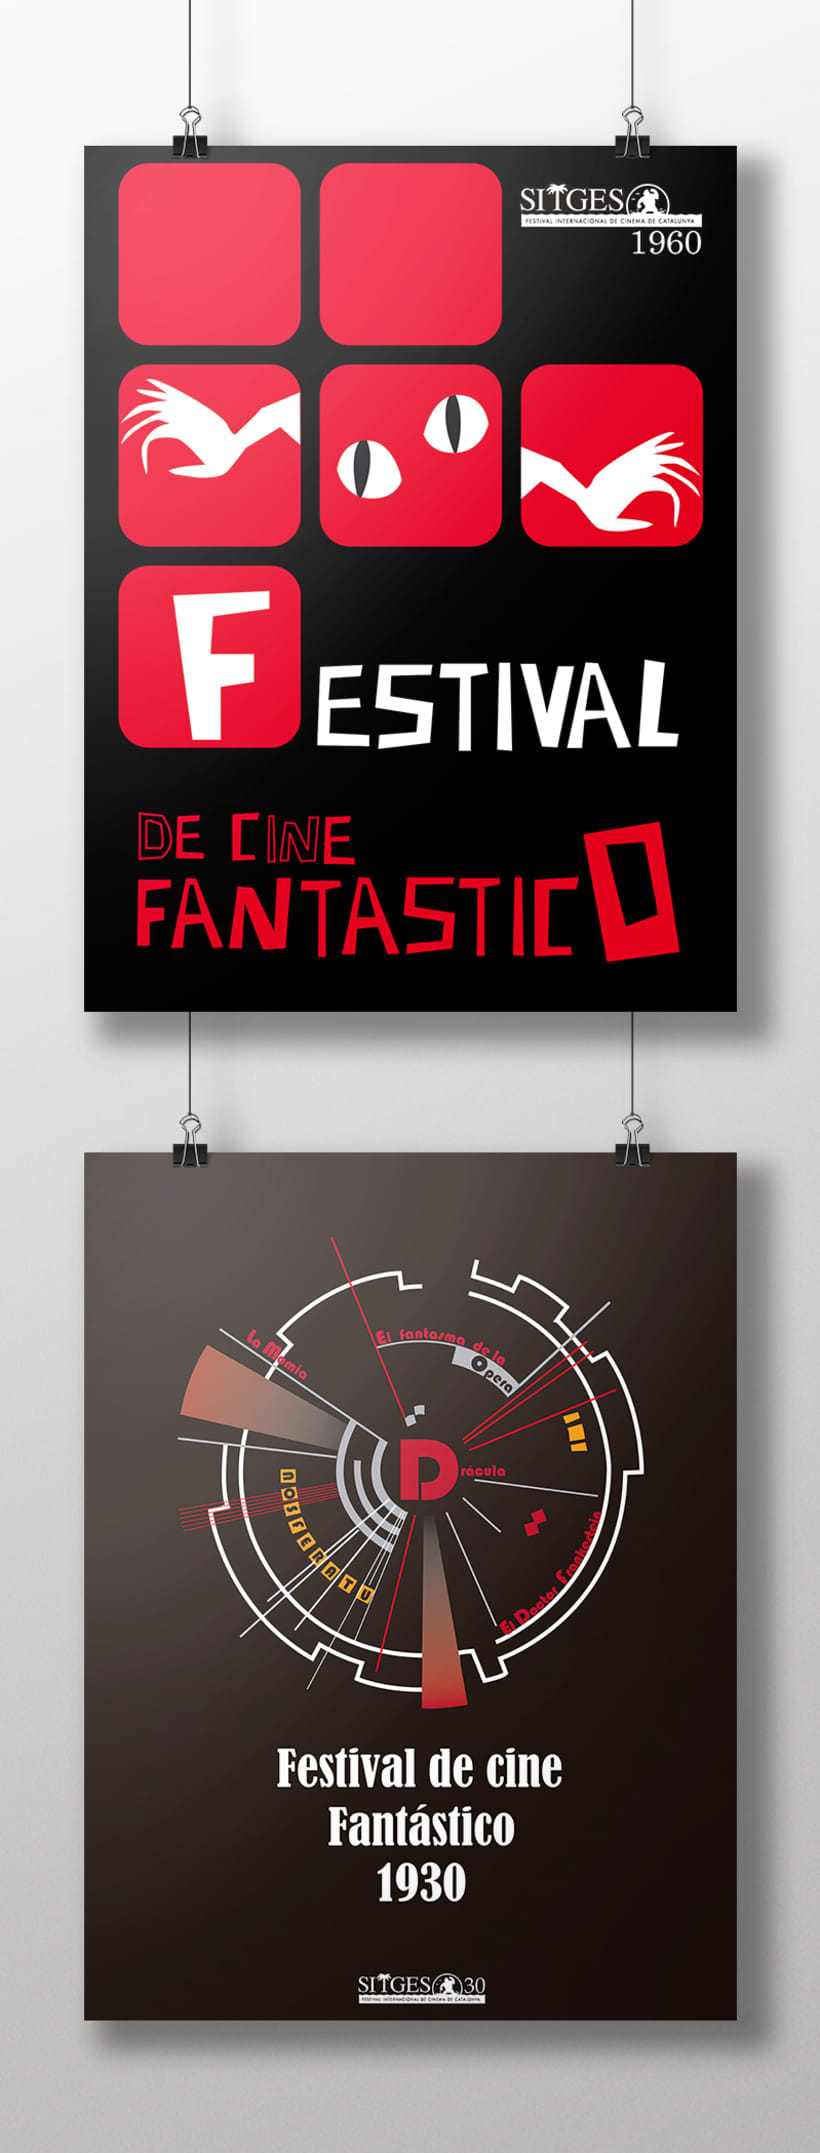 SITGES_Festival de cine Fantástico 1